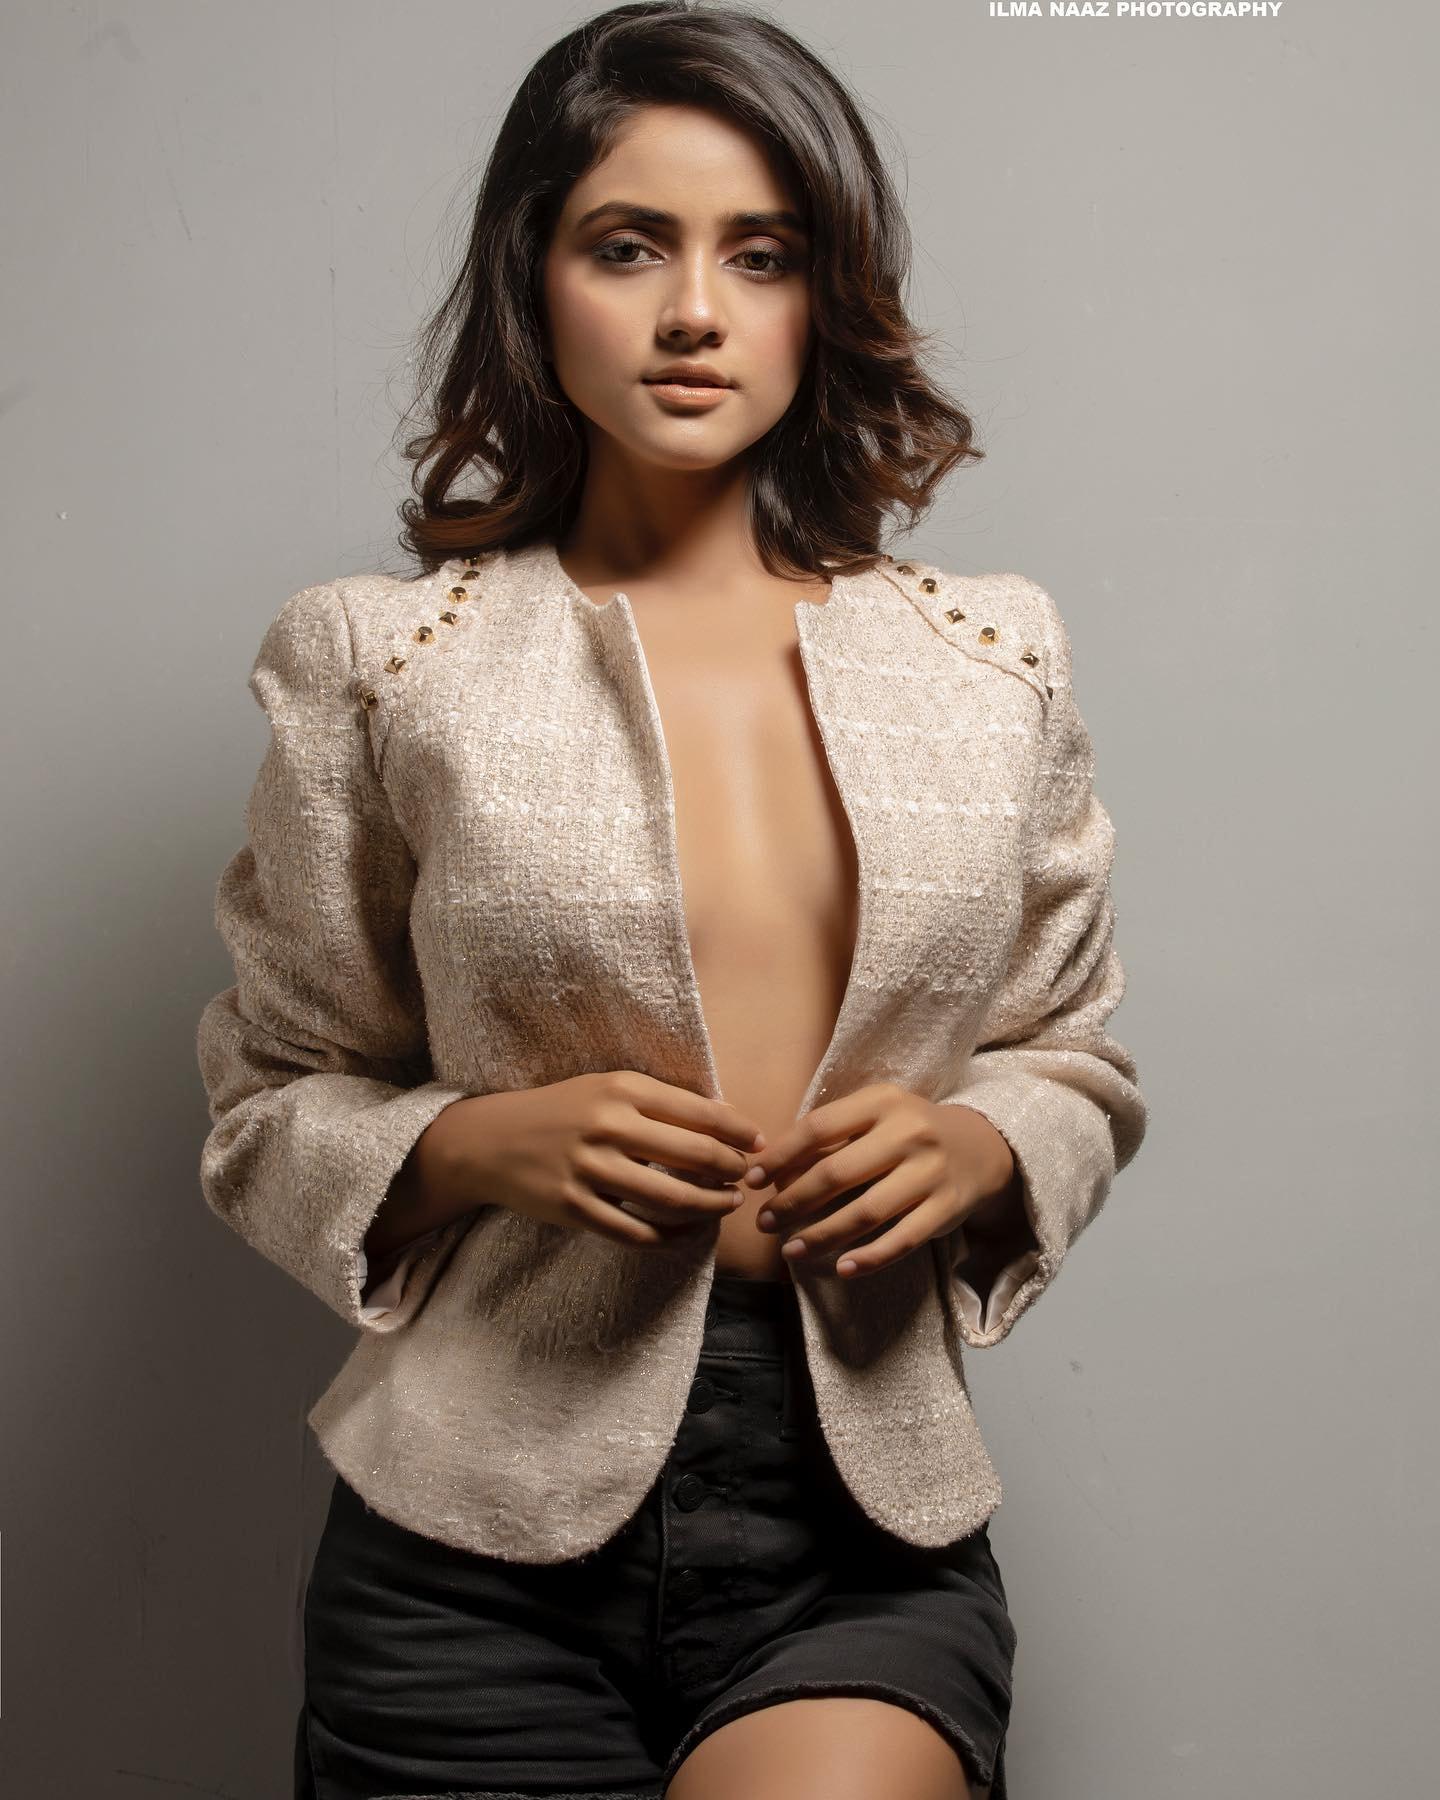 Nisha Guragain Photo/Image/Picture